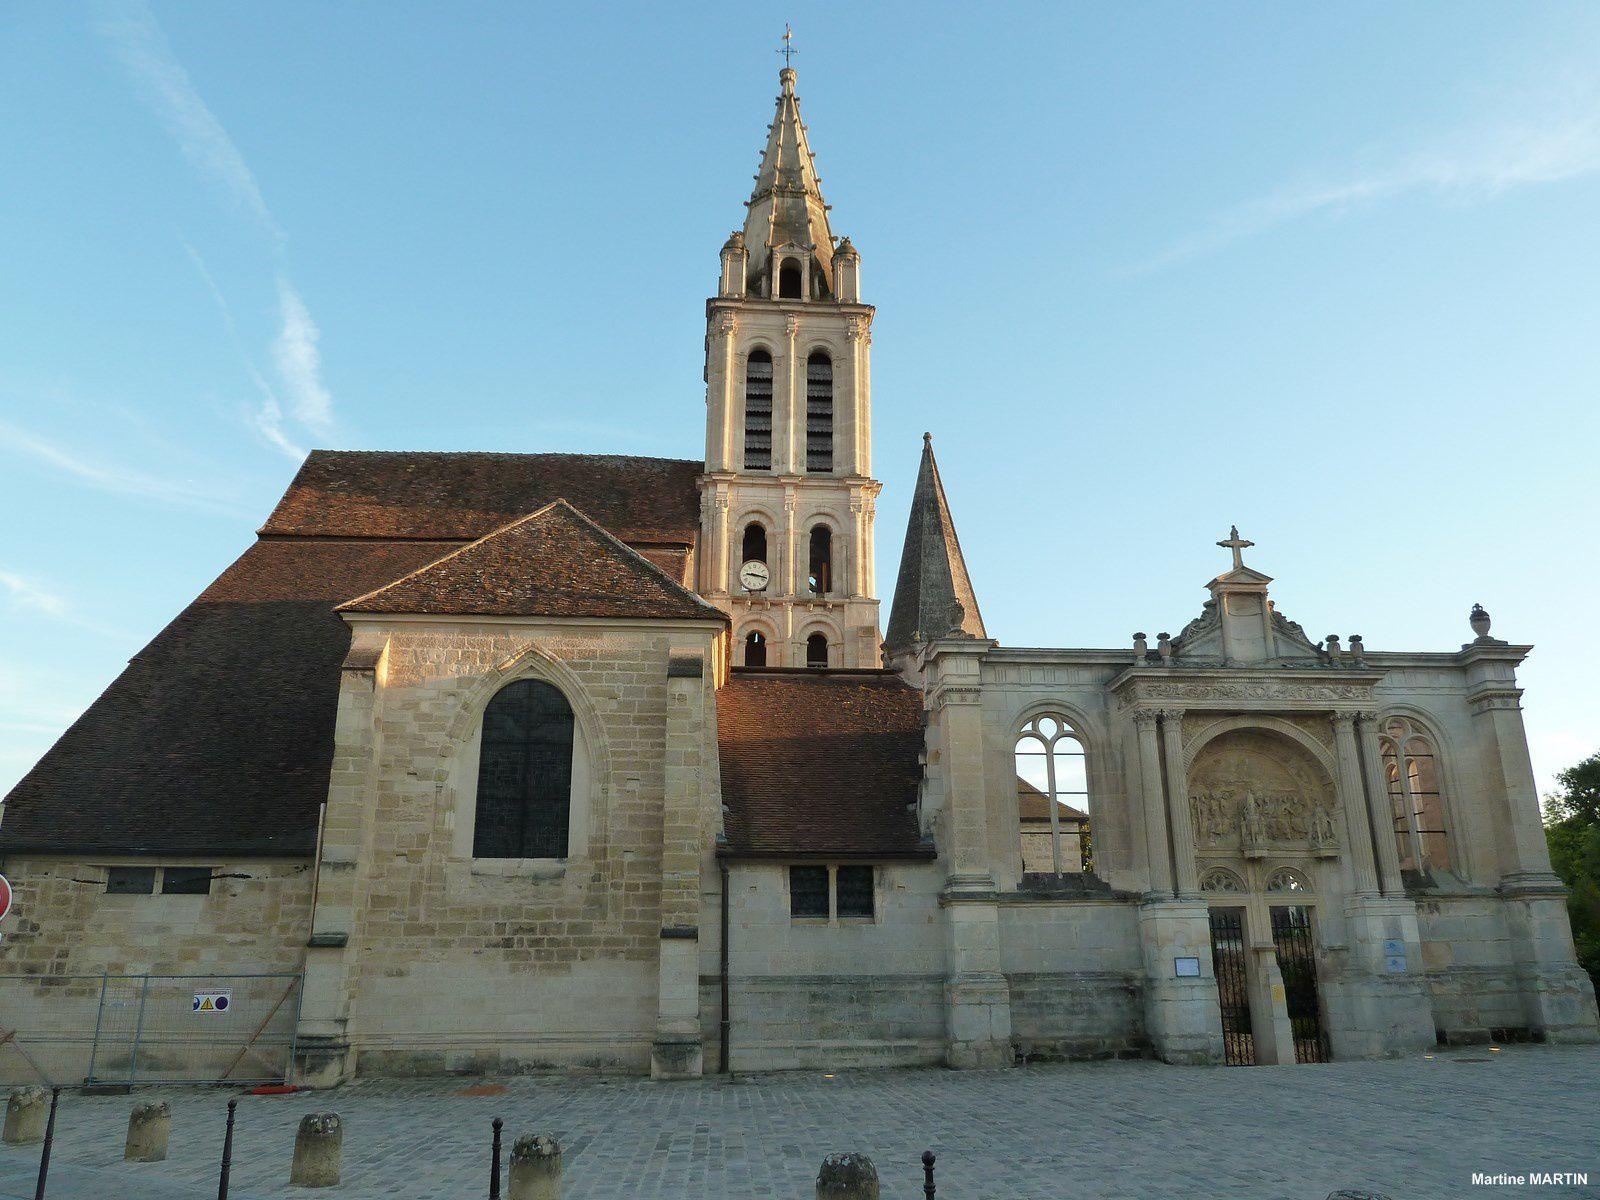 Gospel Attitude à l'église Saint-Christophe de Cergy